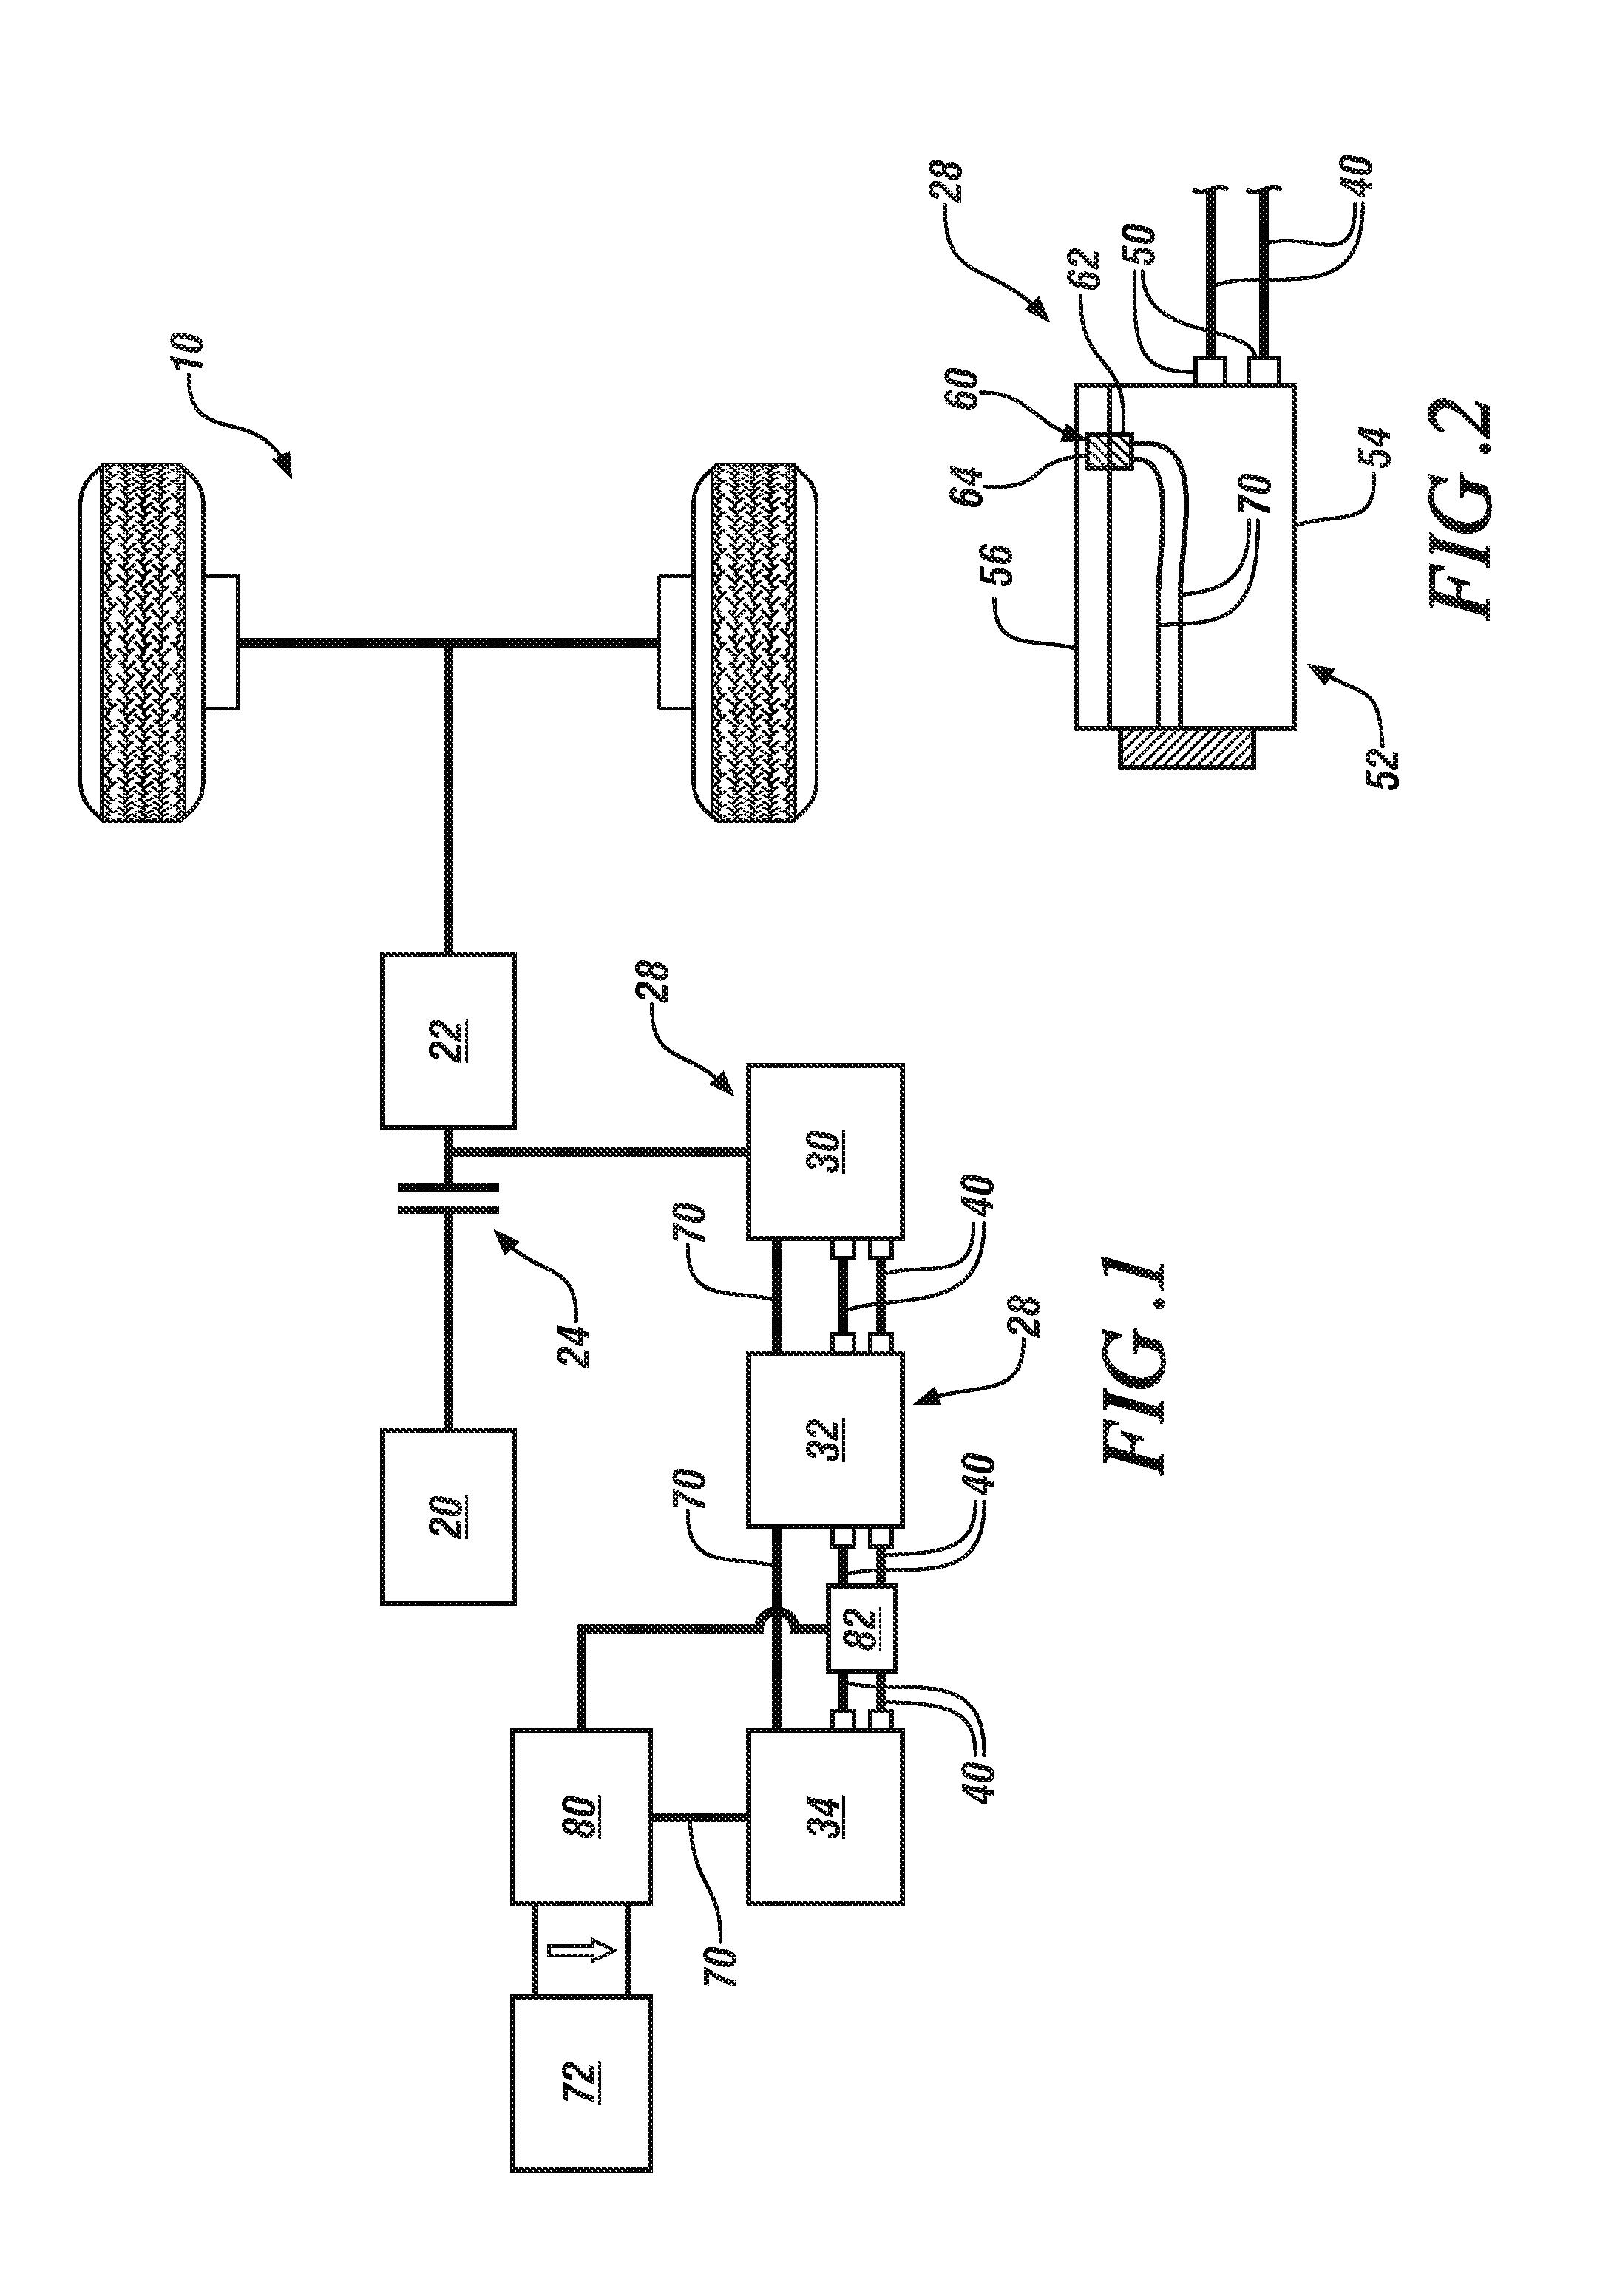 patent us20140062180